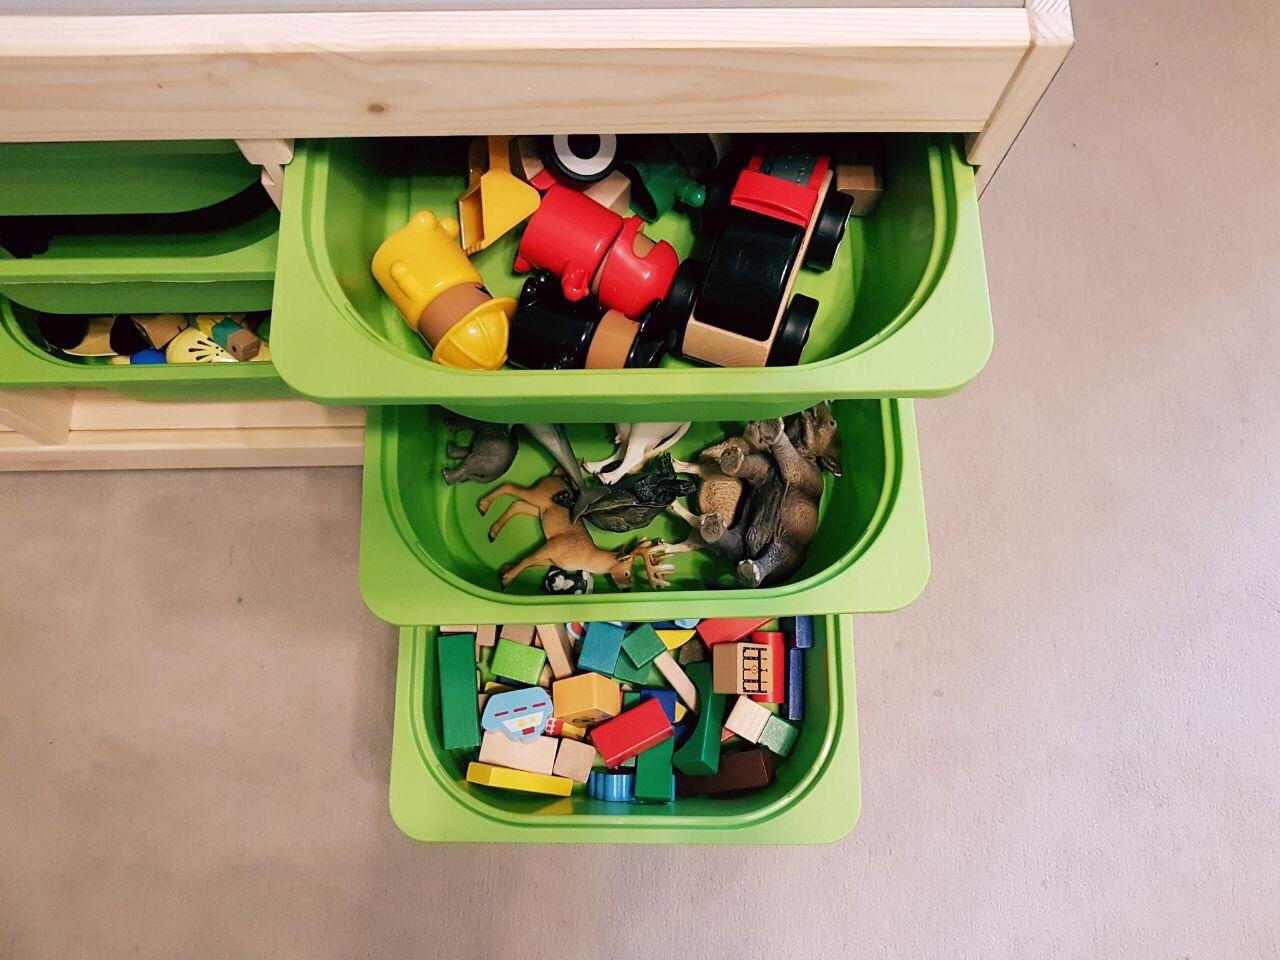 Diy Spieltisch Ikea Hack Aufbruch Zum Umdenken